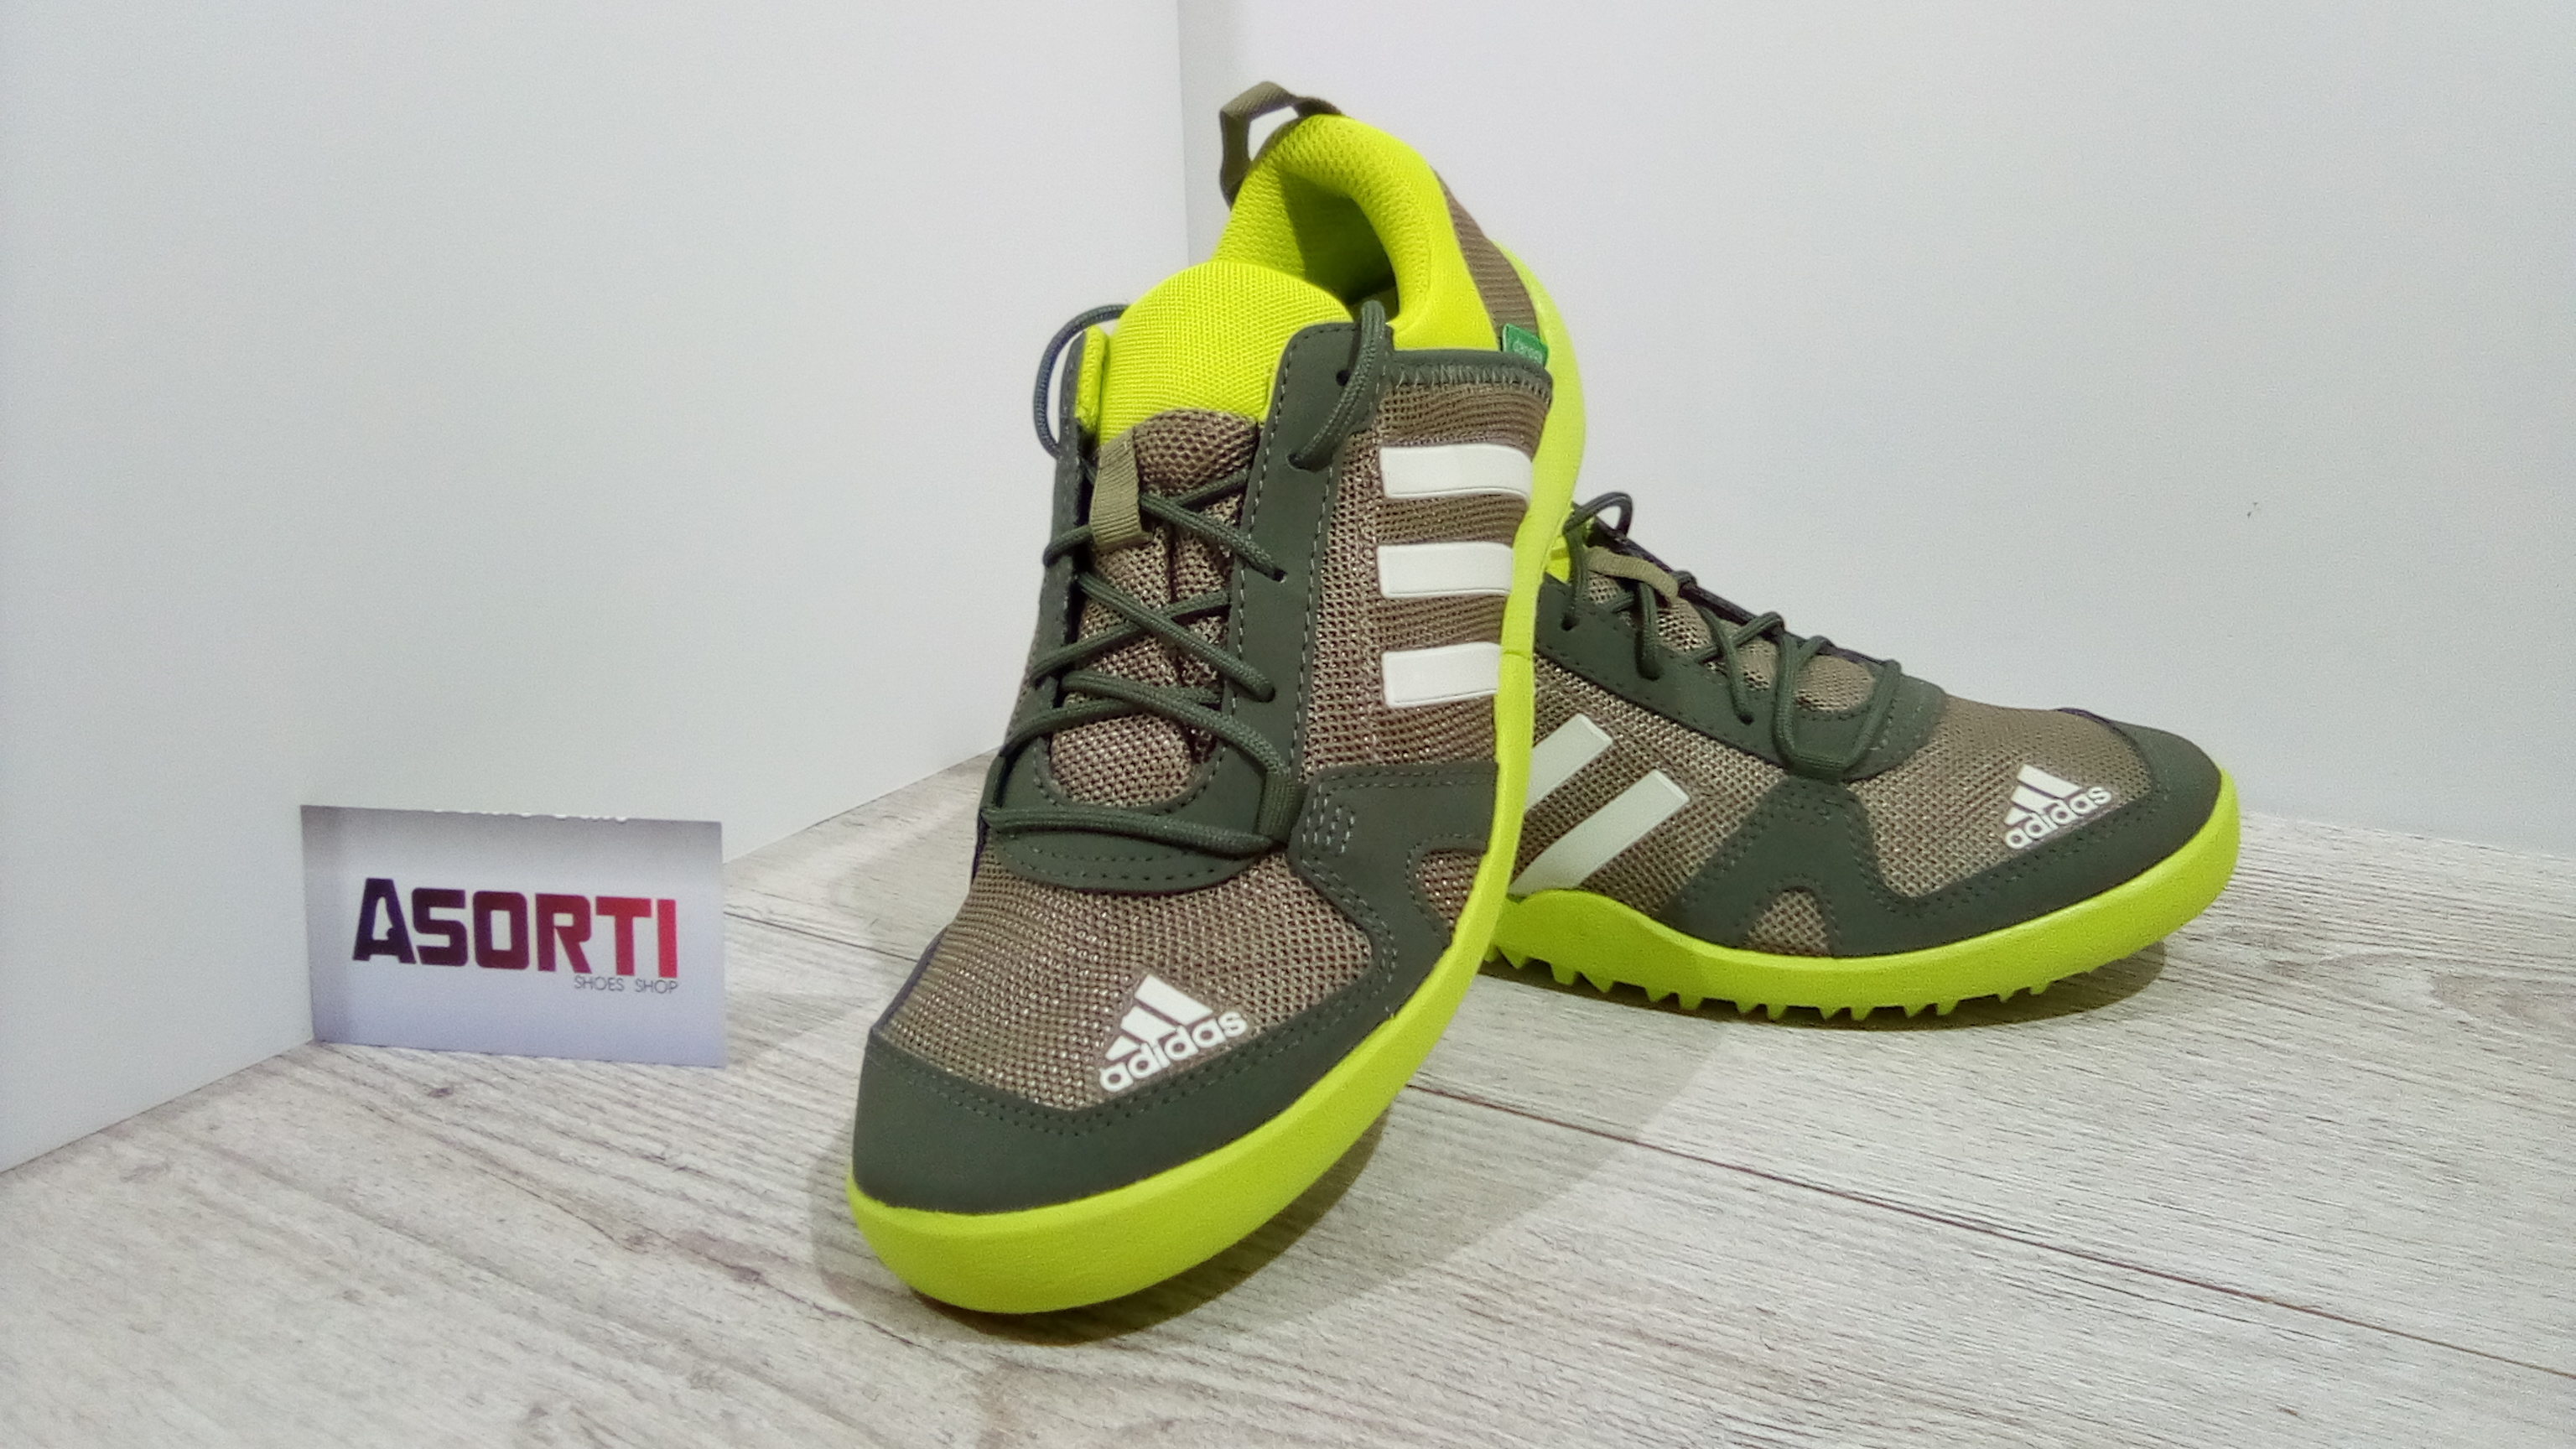 a744fae21ae41a Жіночі кросівки Adidas Daroga Two K (B44409) хакі купити в Україні ...